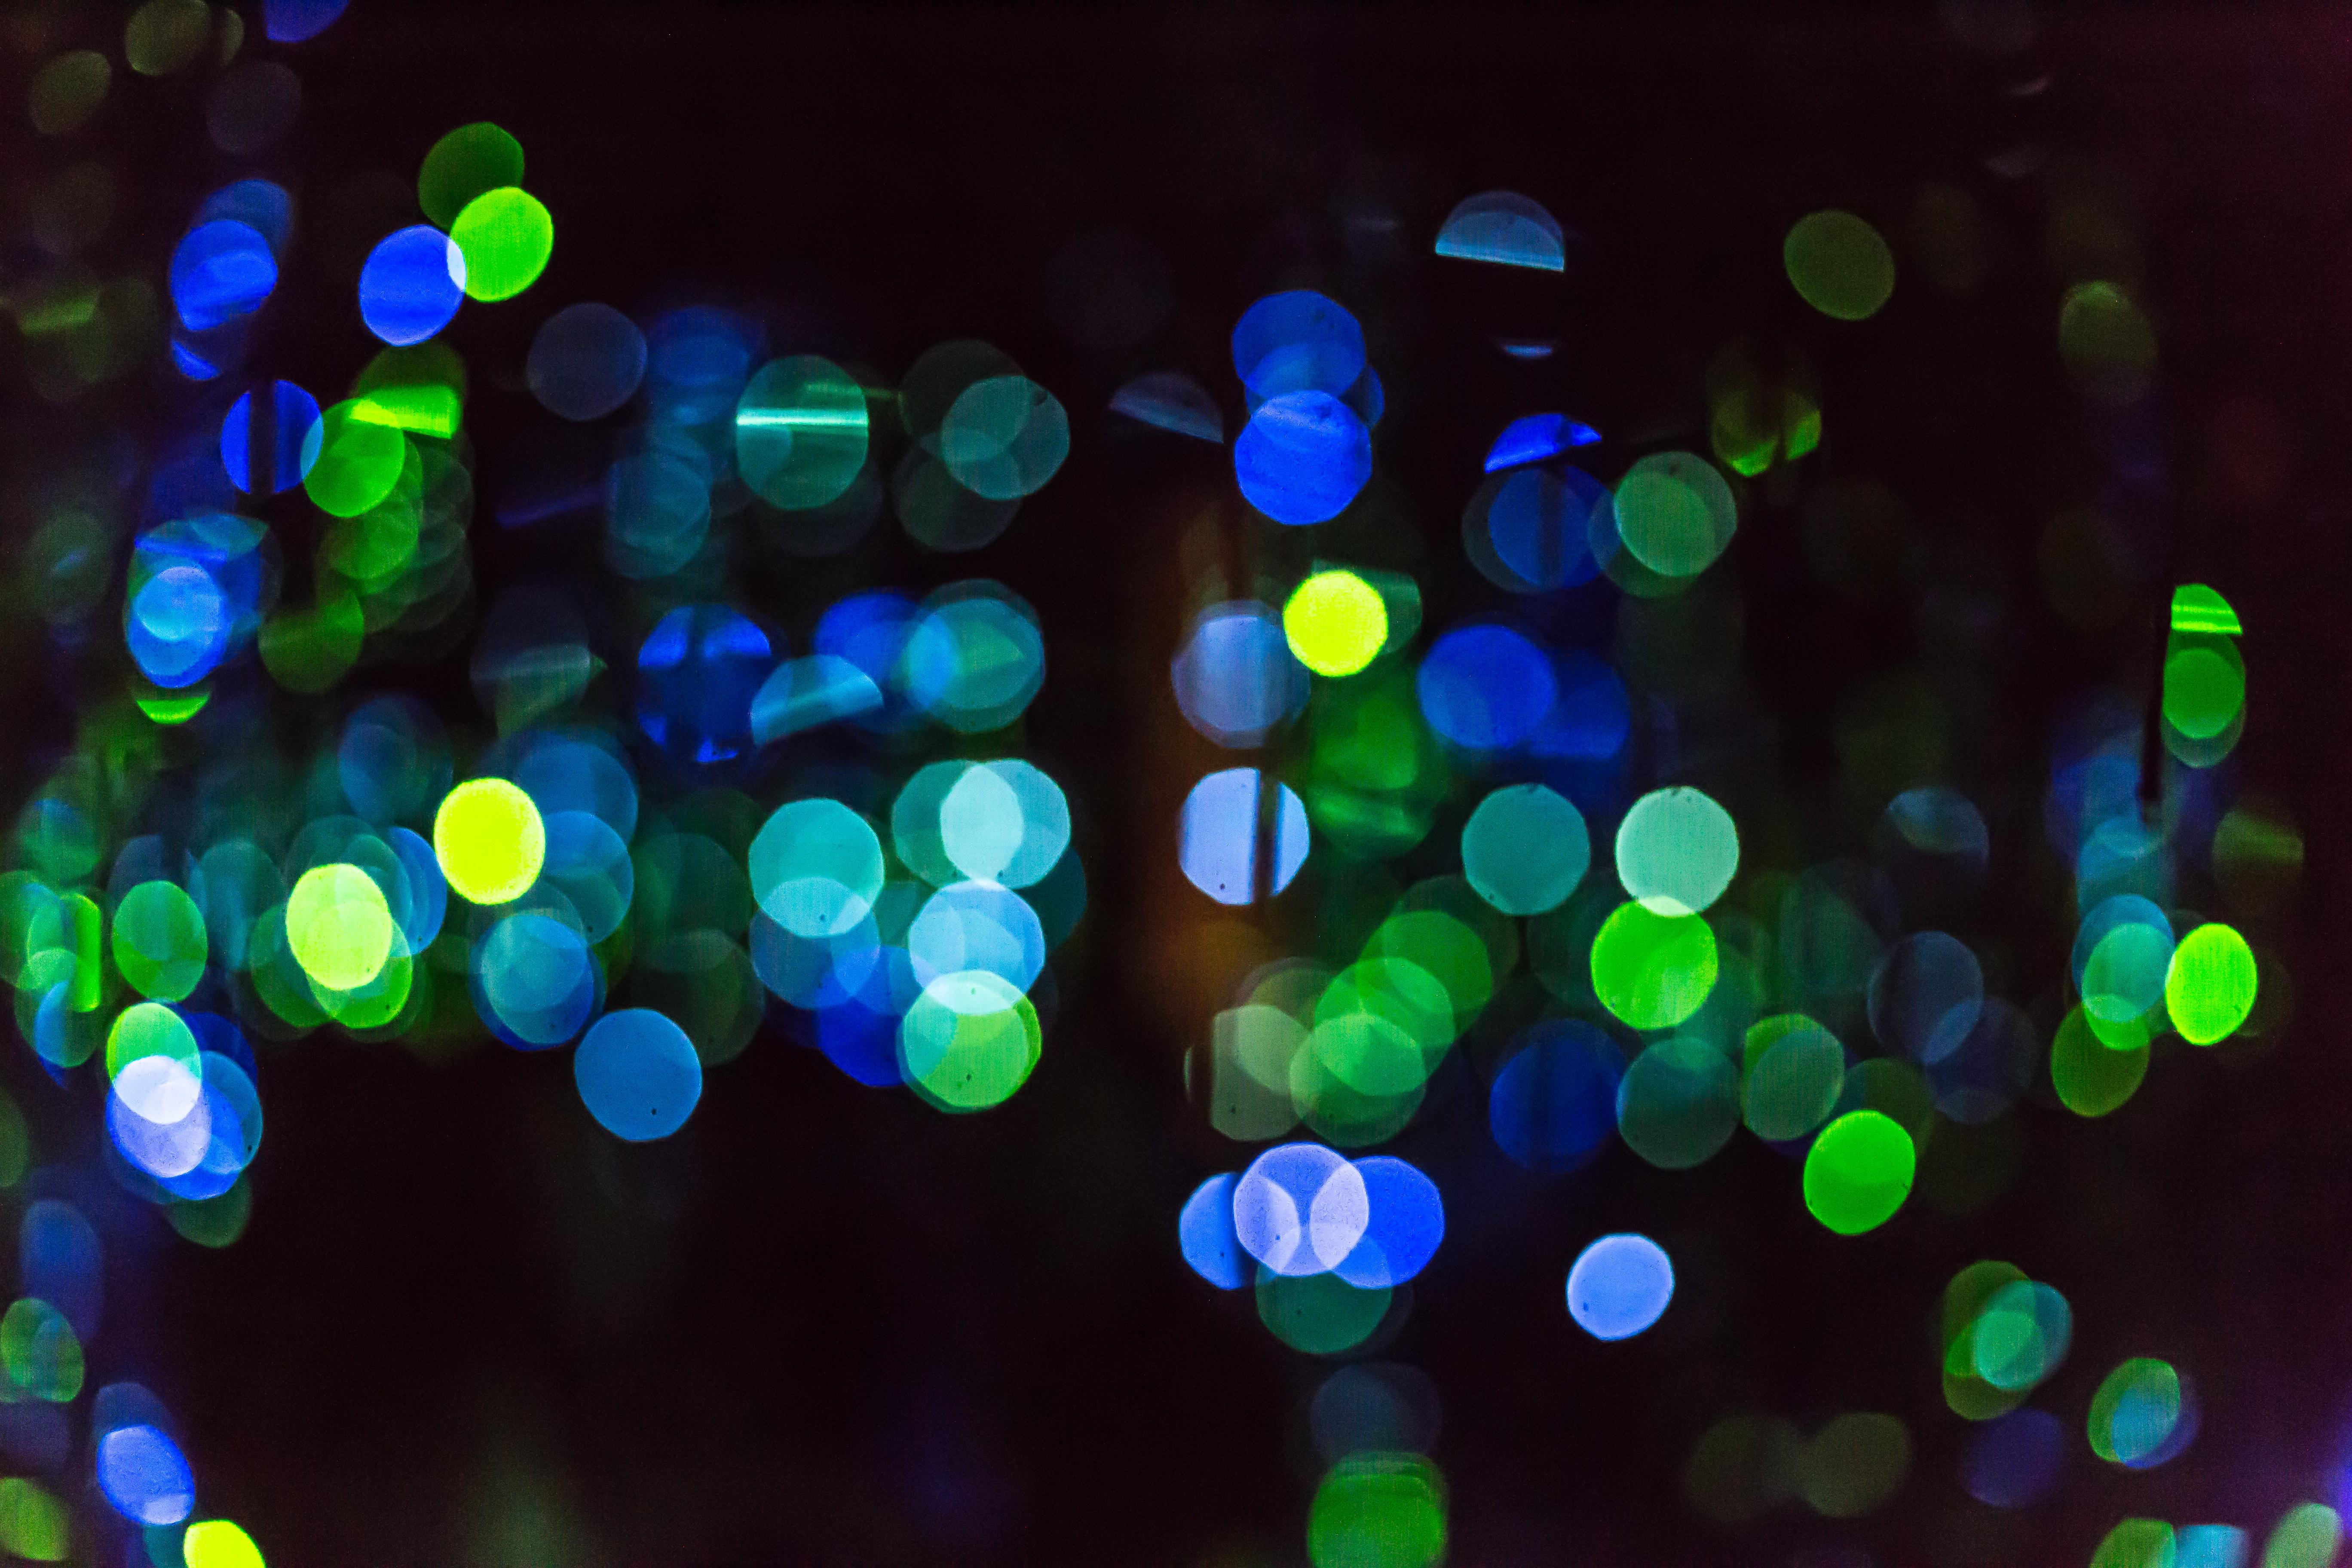 Images Gratuites Lumiere Nuit Vert Espace Bleu Eclairage